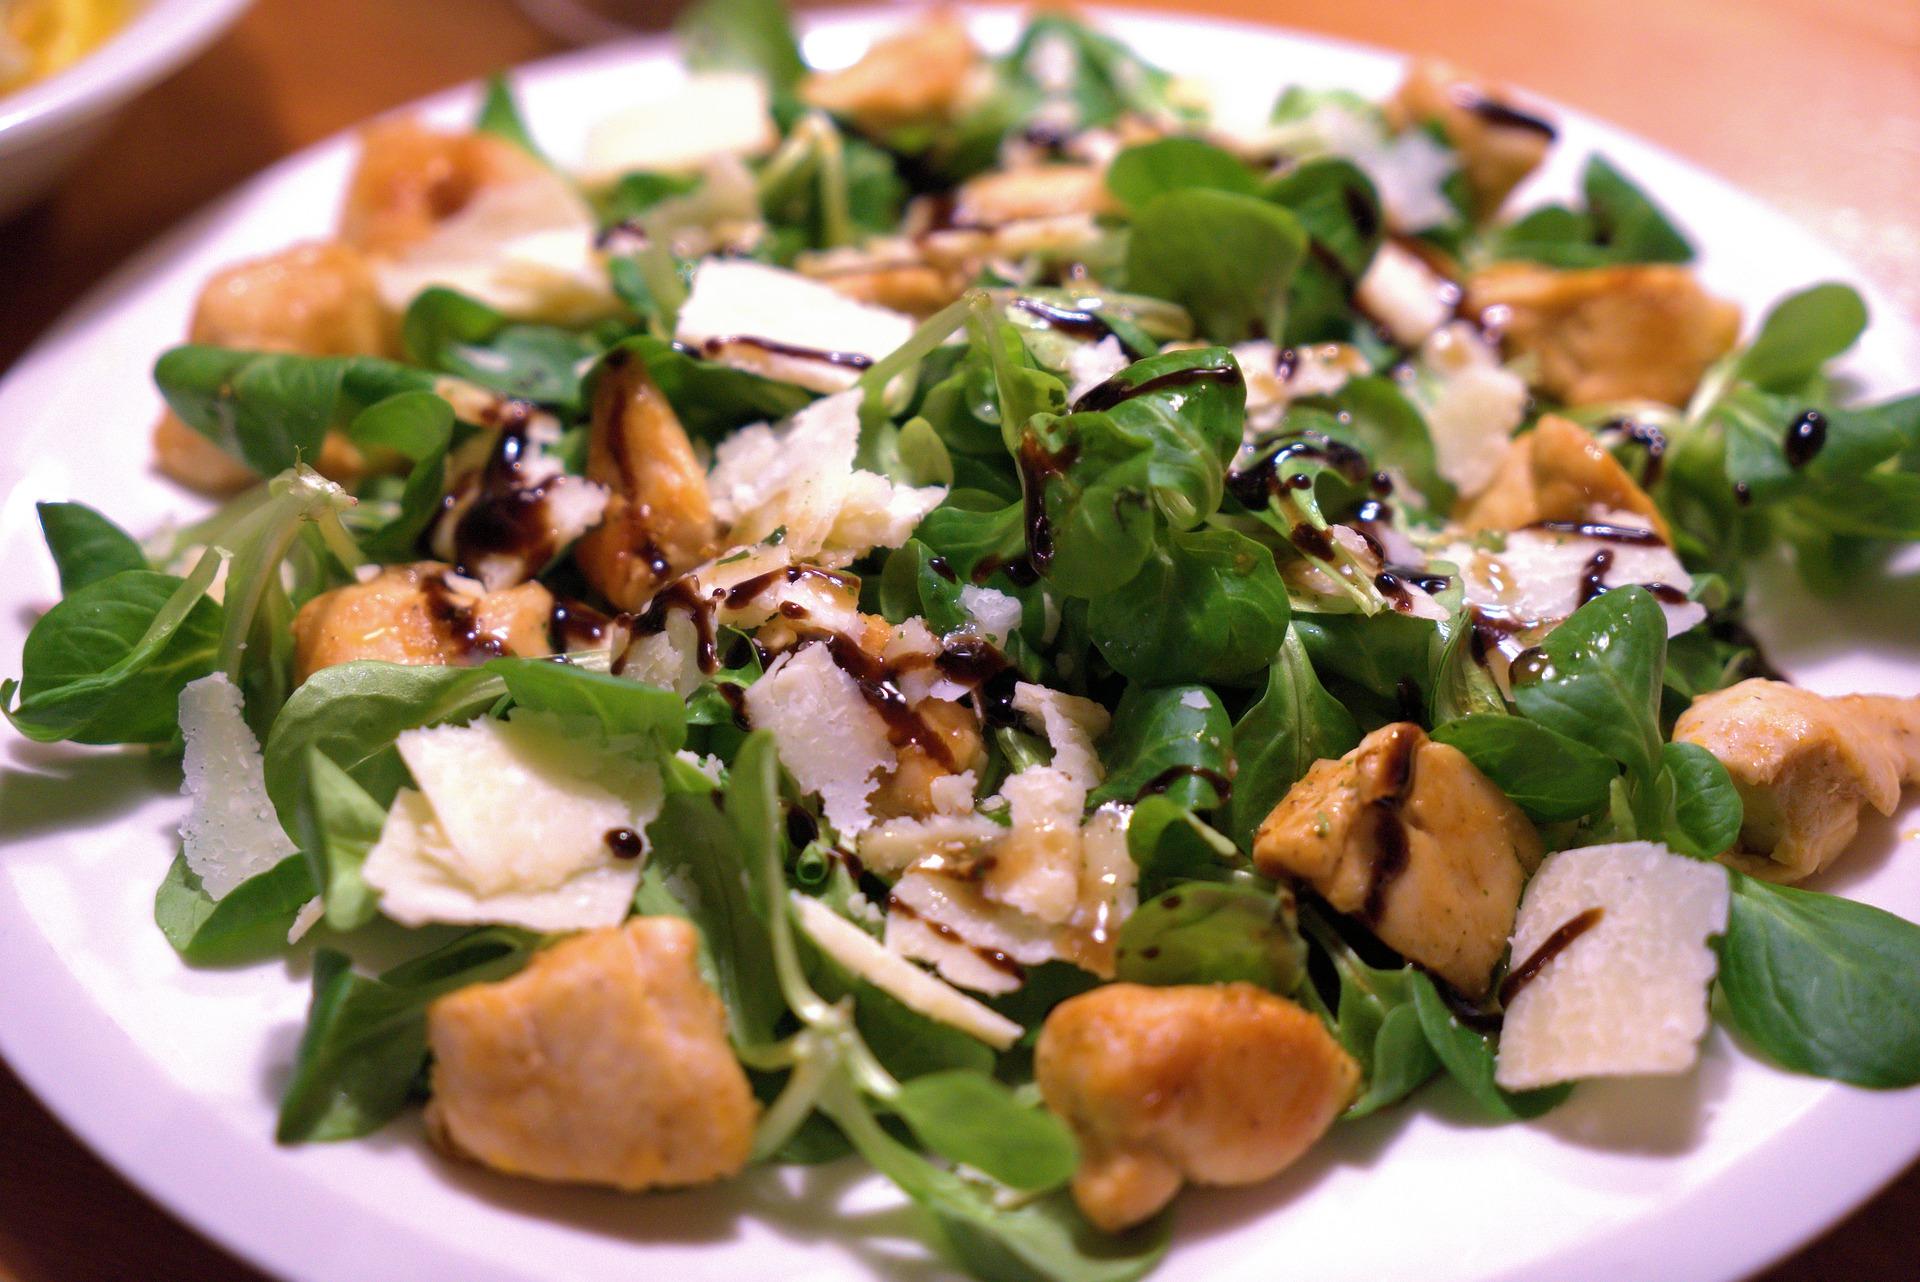 salad with balsamic vinegar of Modena PGI